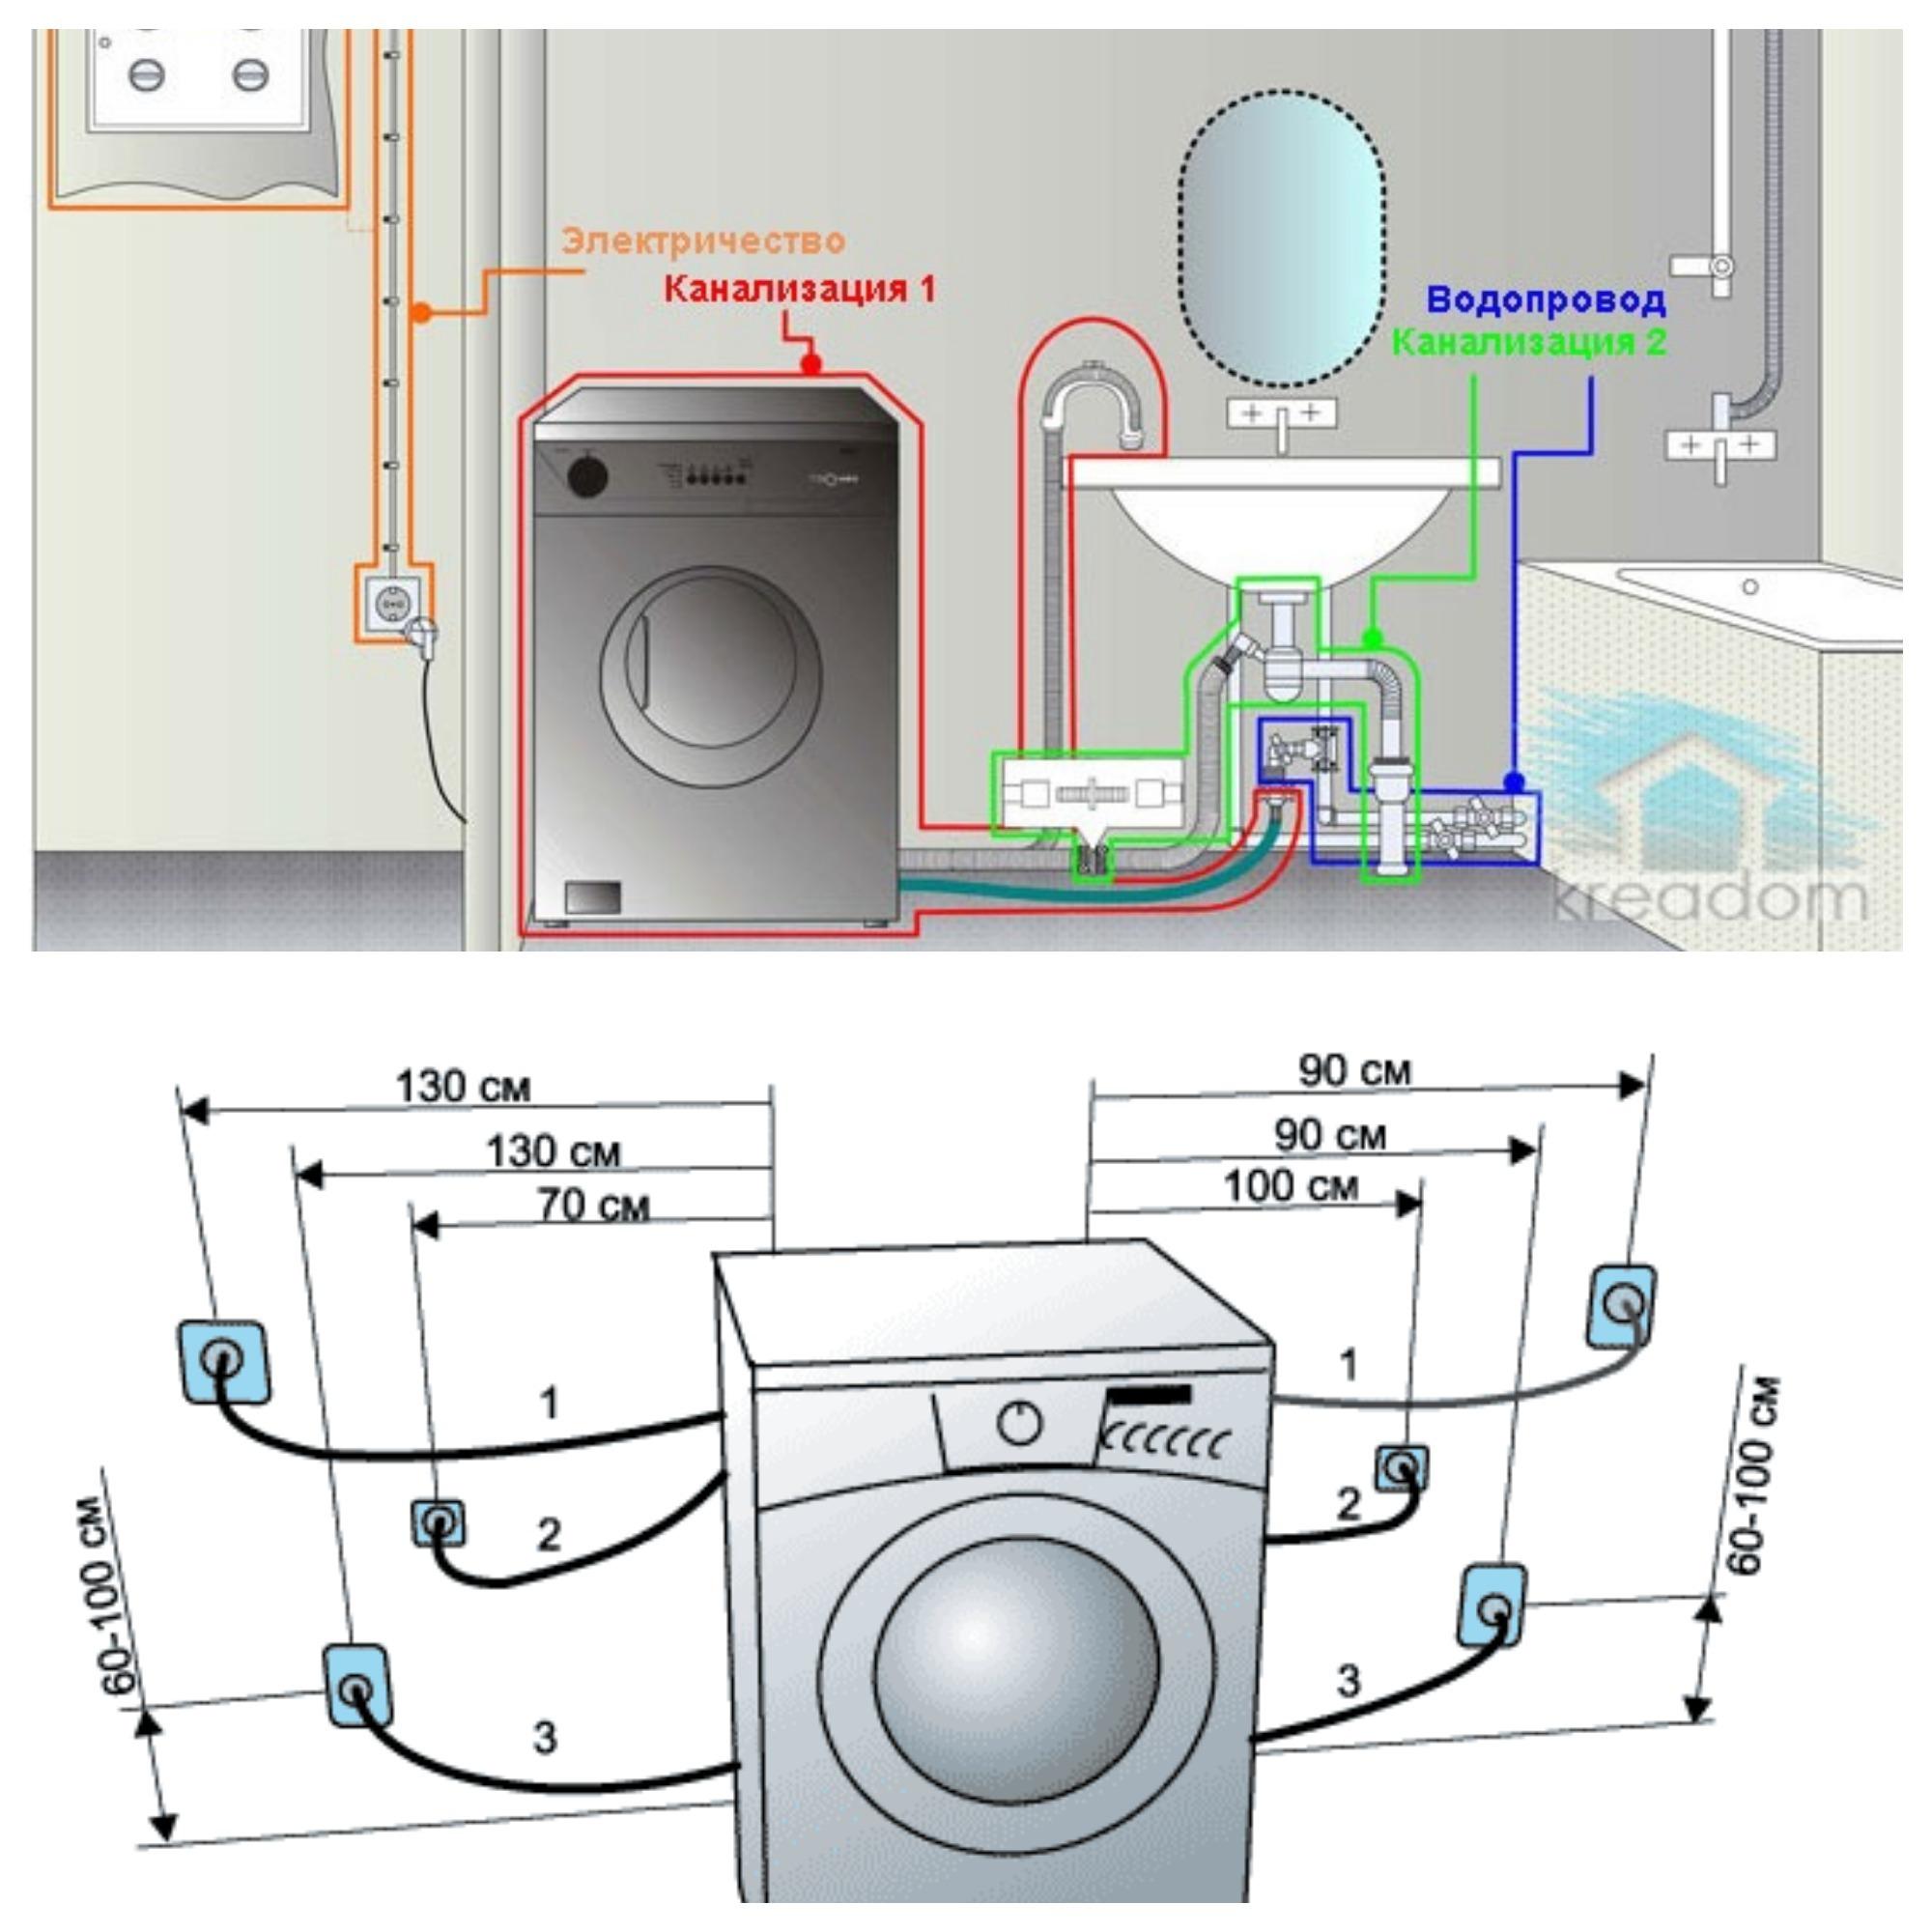 Подключение и установка стиральной машины к водопроводу и канализации